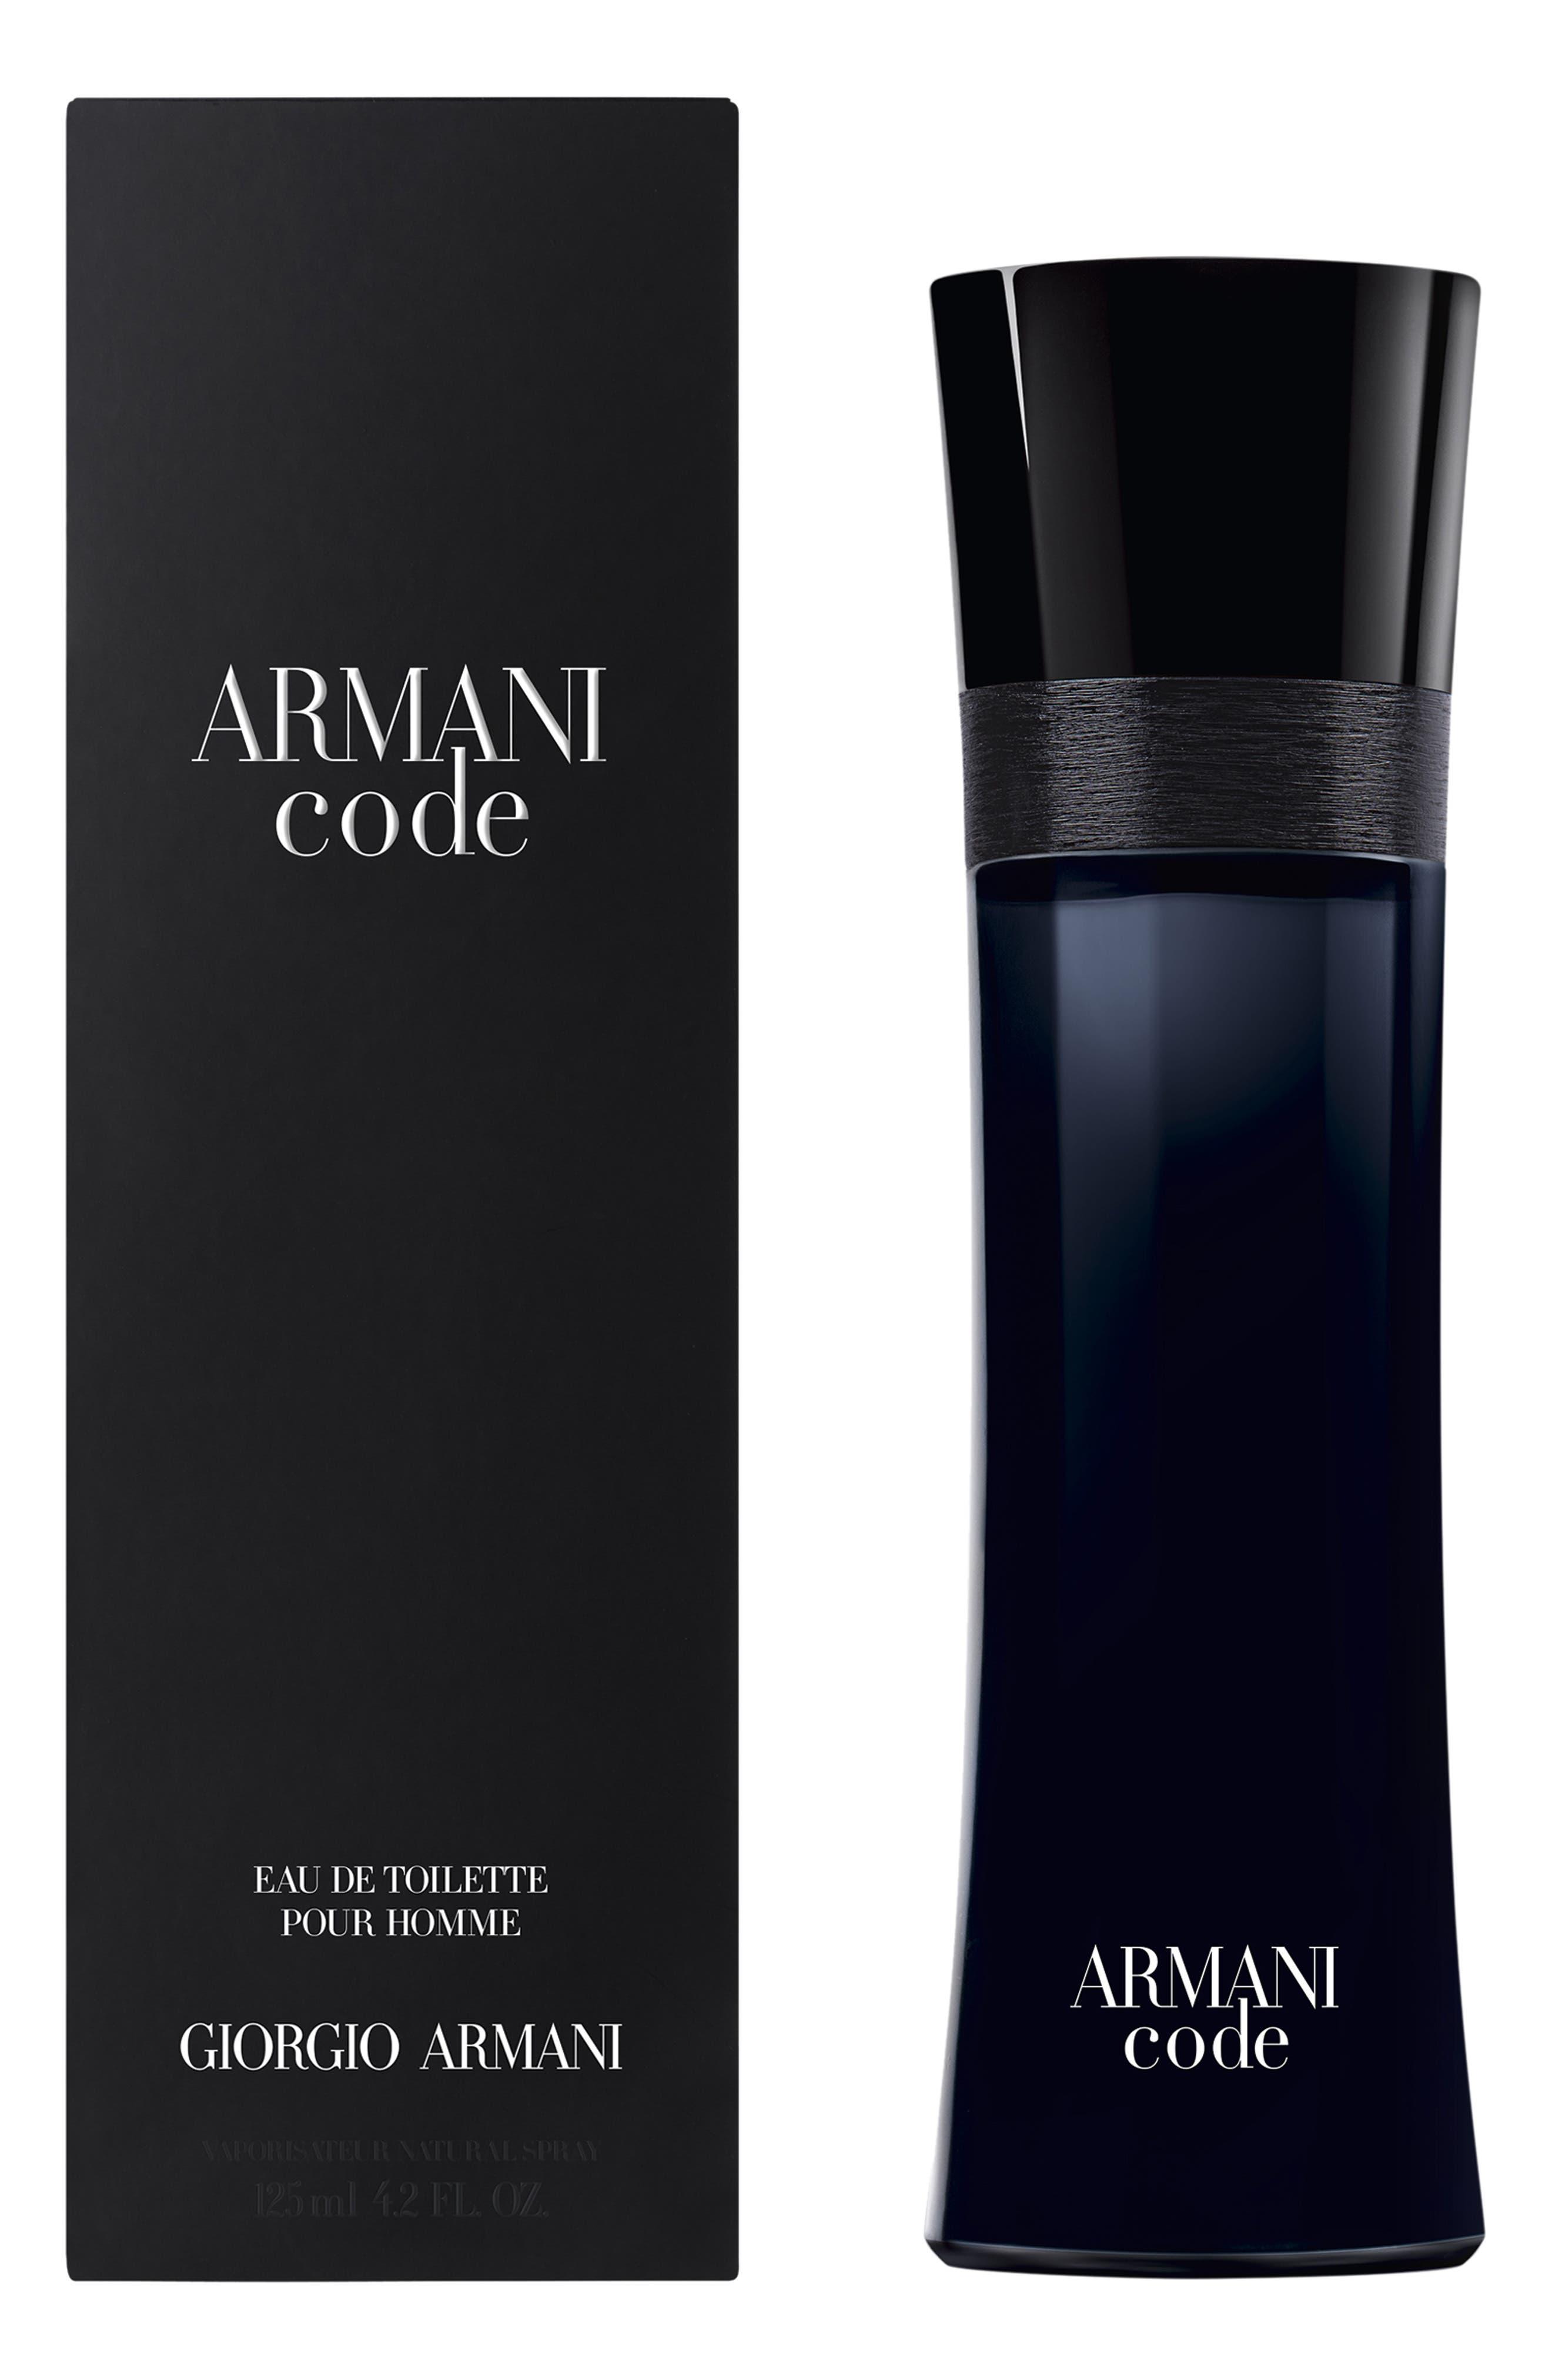 Cologne Armani Armani For Cologne Giorgio Giorgio For MenNordstrom srQtdh